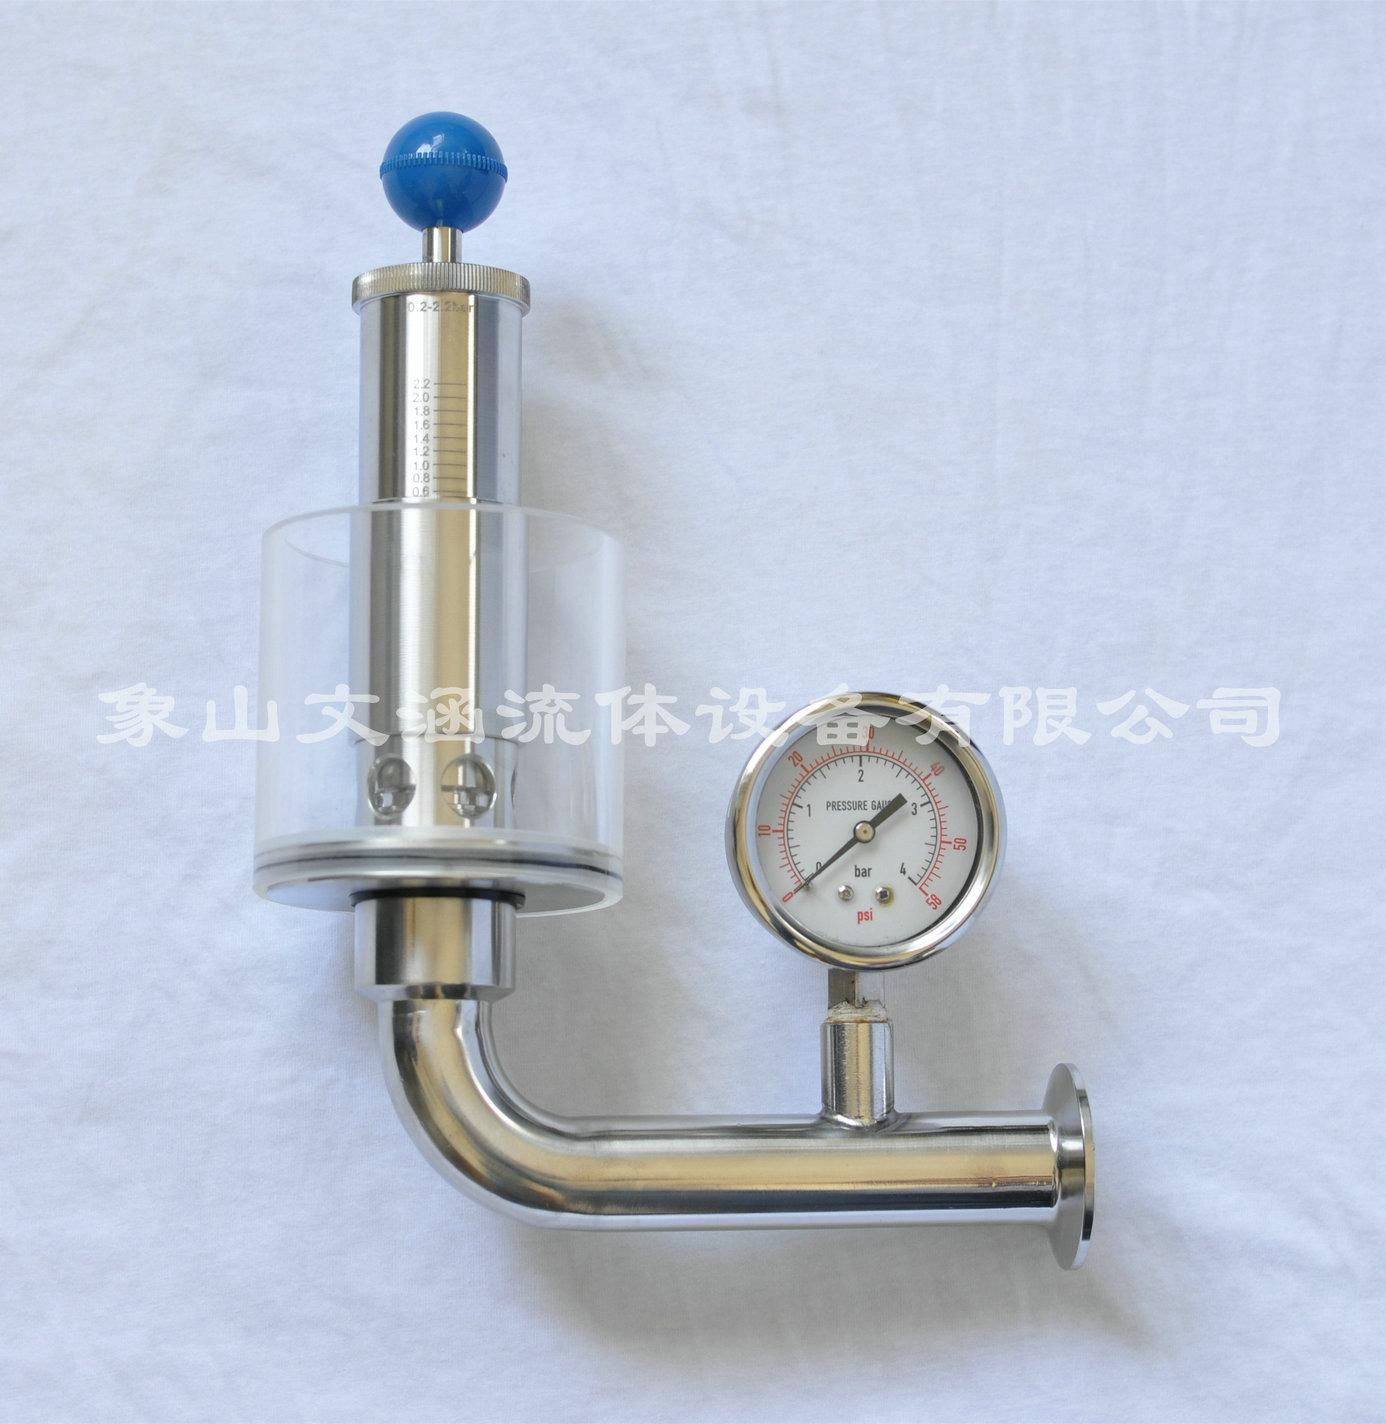 3,电磁阀公称压力应超过管内最高工作压力.图片